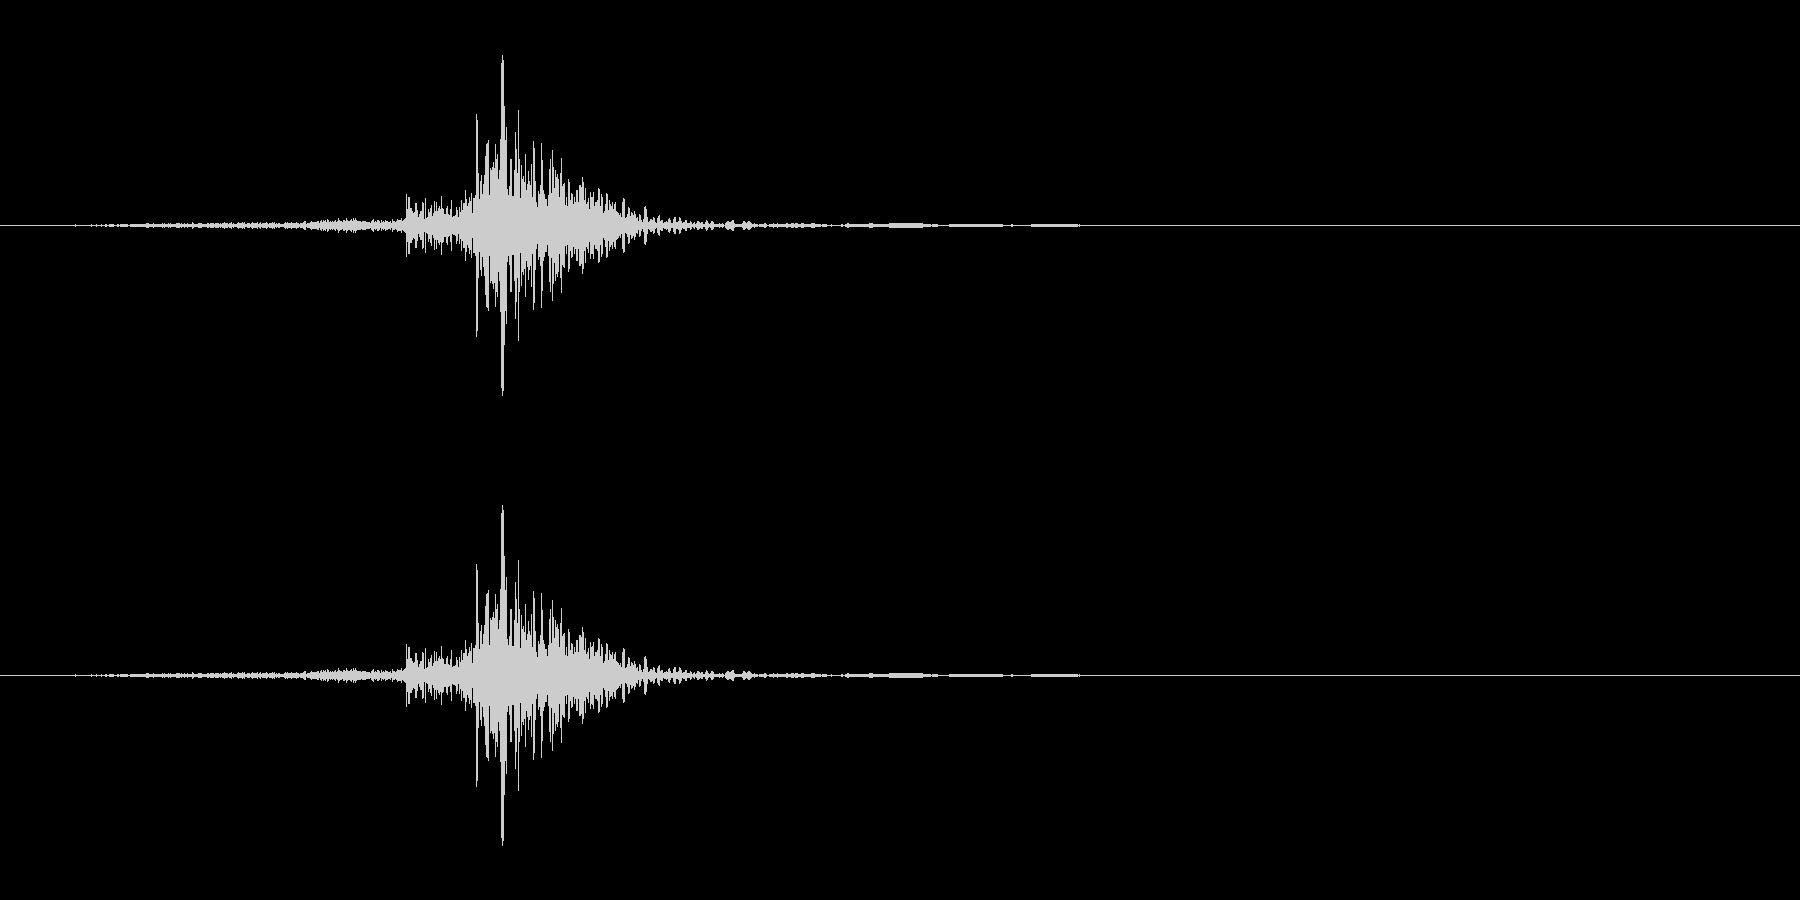 SNS風 通知音 送信音 シュポの未再生の波形